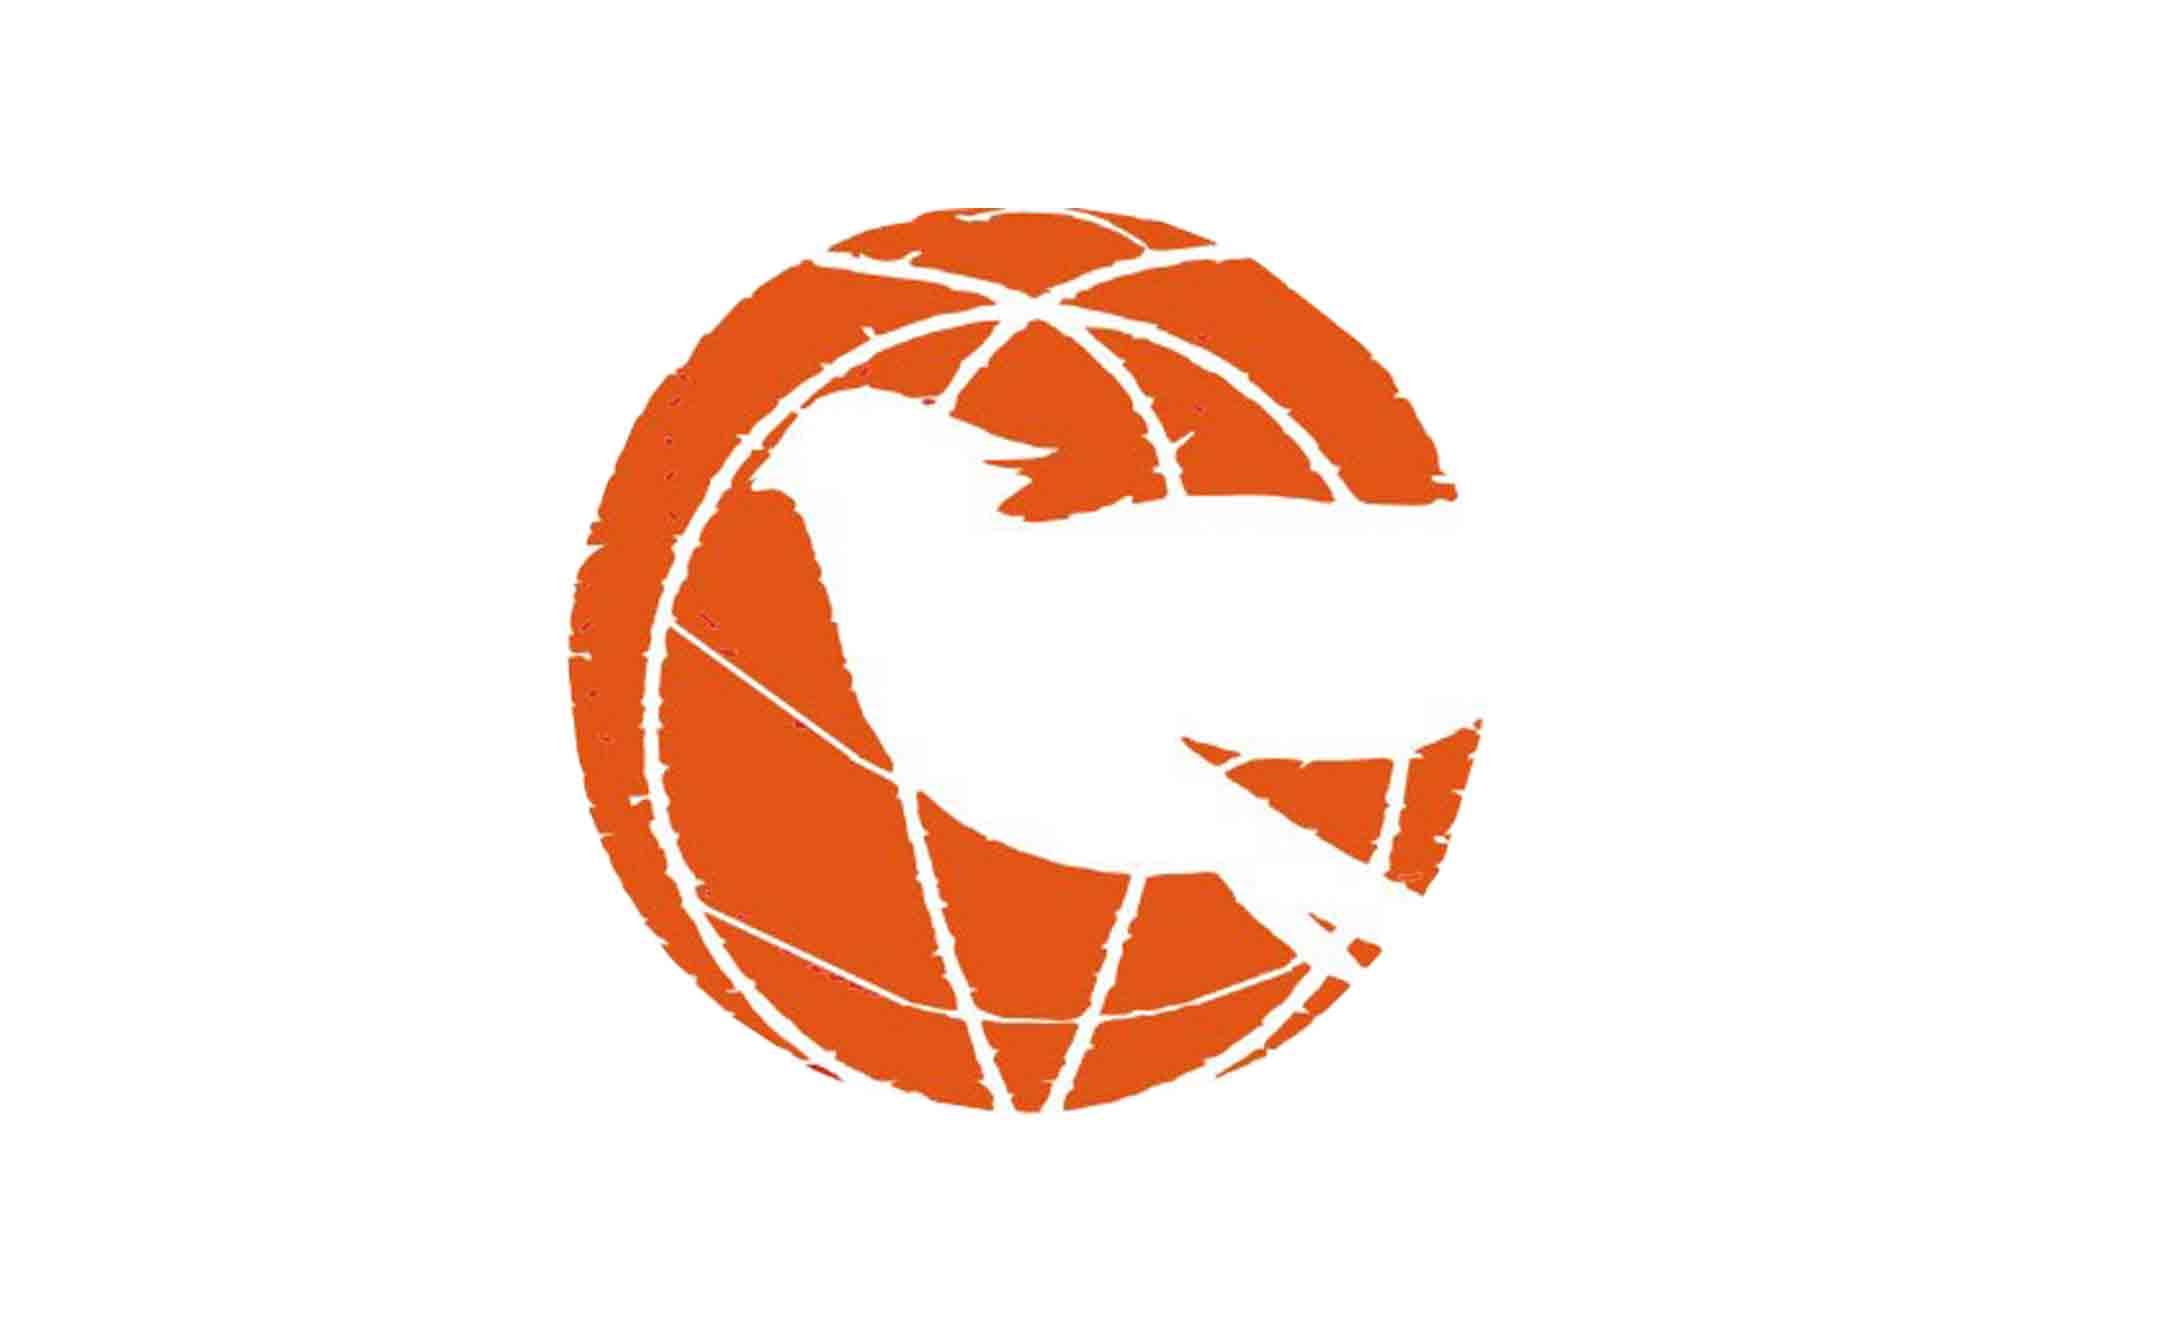 logo logo 标志 设计 矢量 矢量图 素材 图标 2175_1324